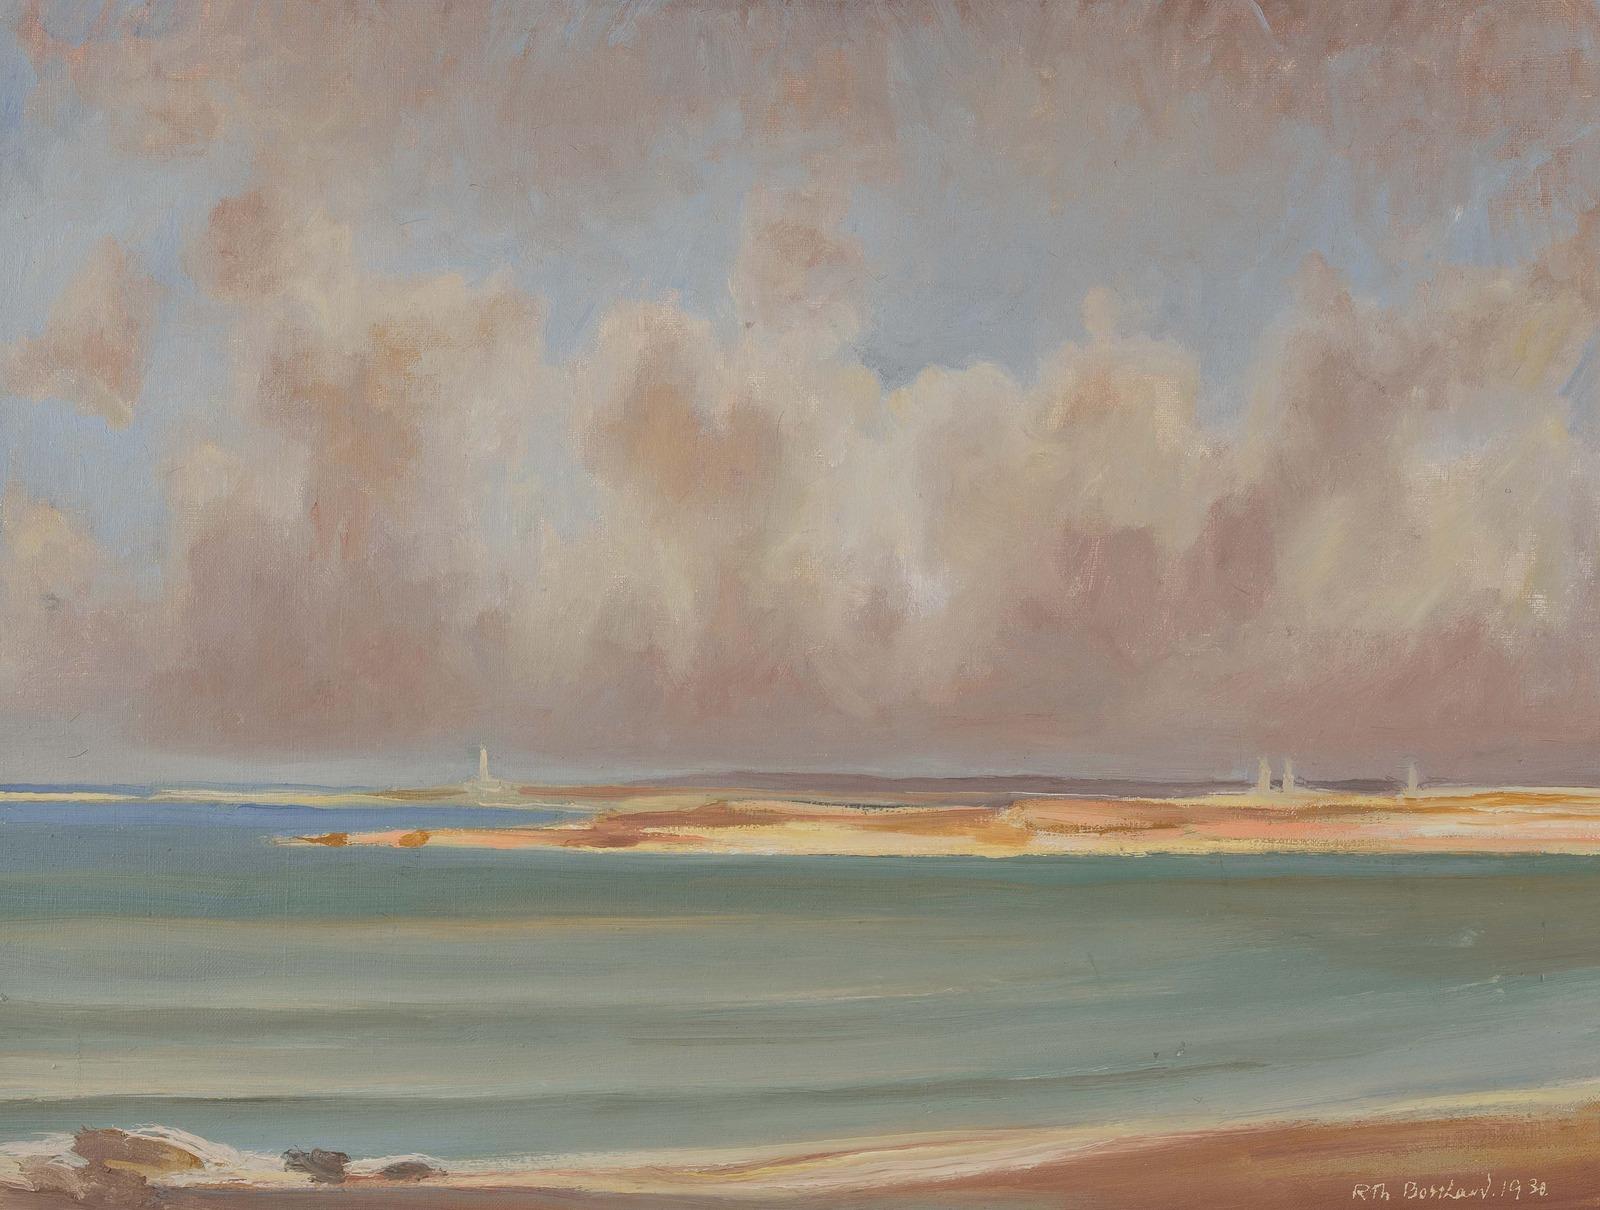 1930_Остров Бретань (Ile de Bretagne)_45.5 х 61_х.,м._Частное собрание.jpg